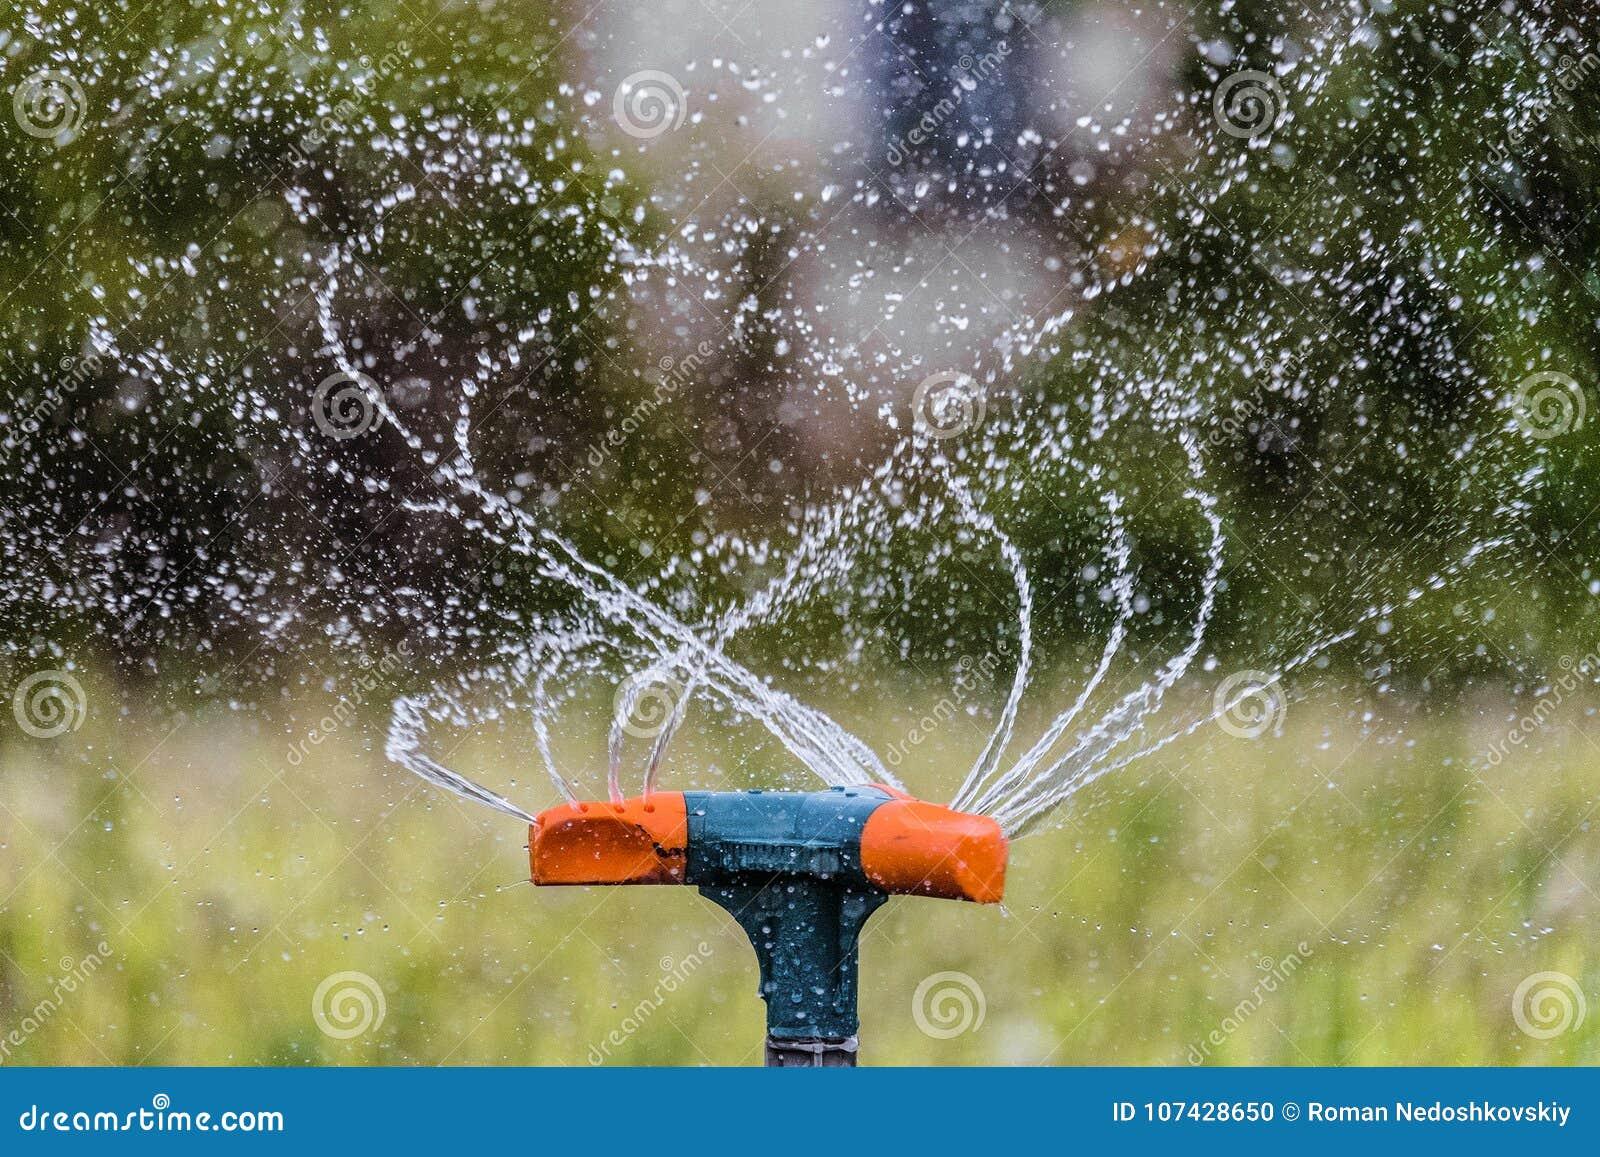 Molhando o jardim usando um sistema de extinção de incêndios da rotação Close-up de jardinagem do sistema de irrigação